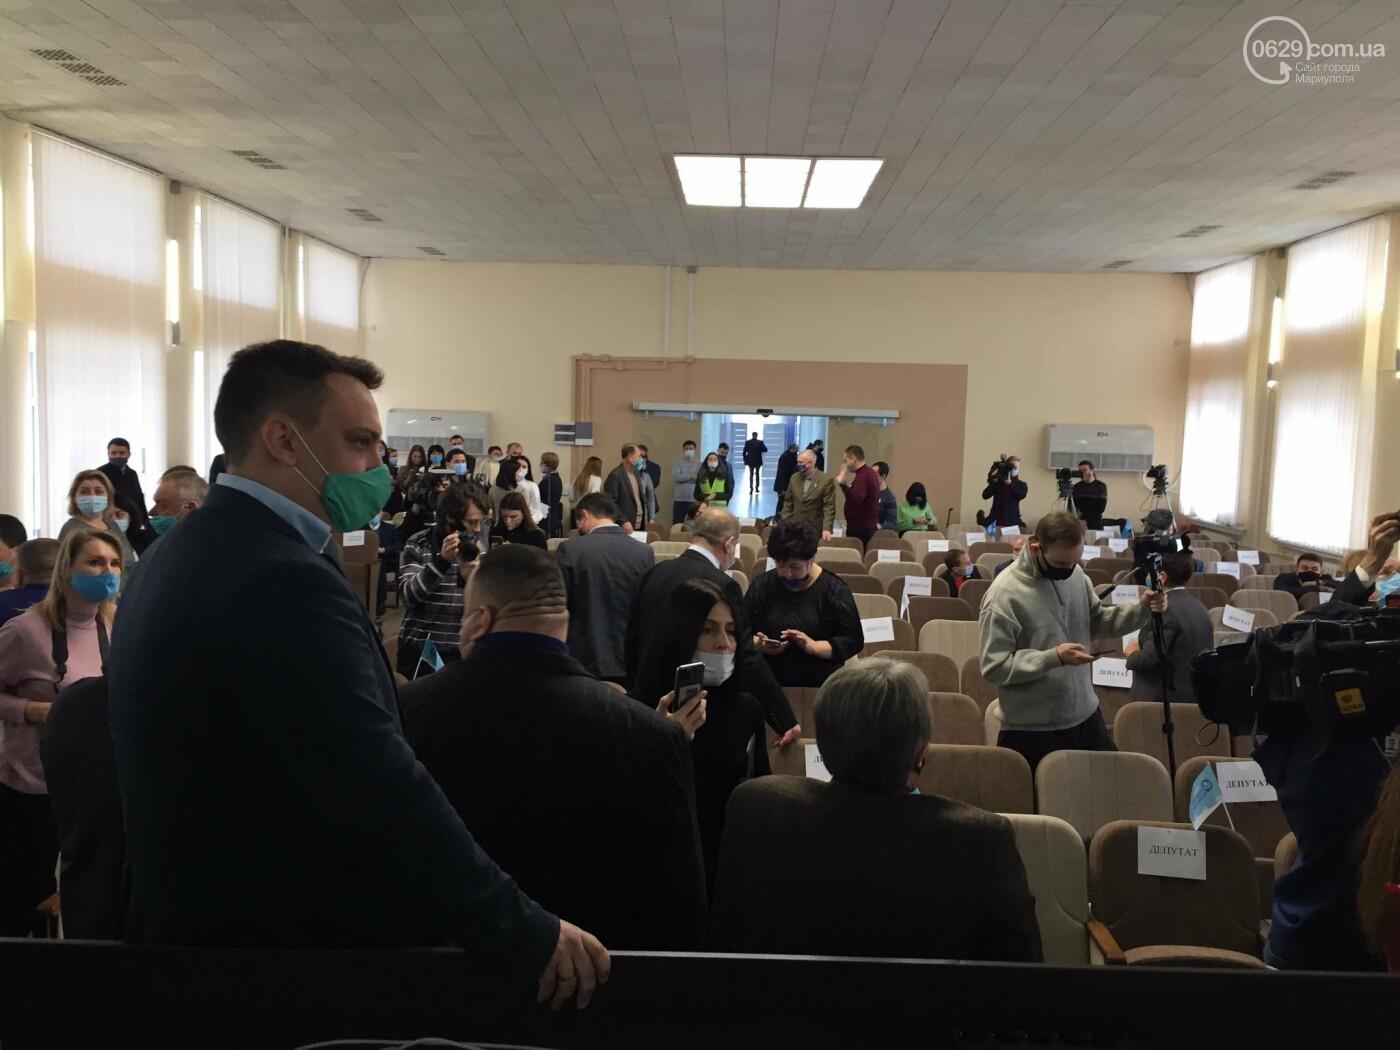 Драка в сессионном зале Мариуполя. Бойченко призвал правоохранителей и объявил перерыв, - СТРИМ, ФОТО, фото-12